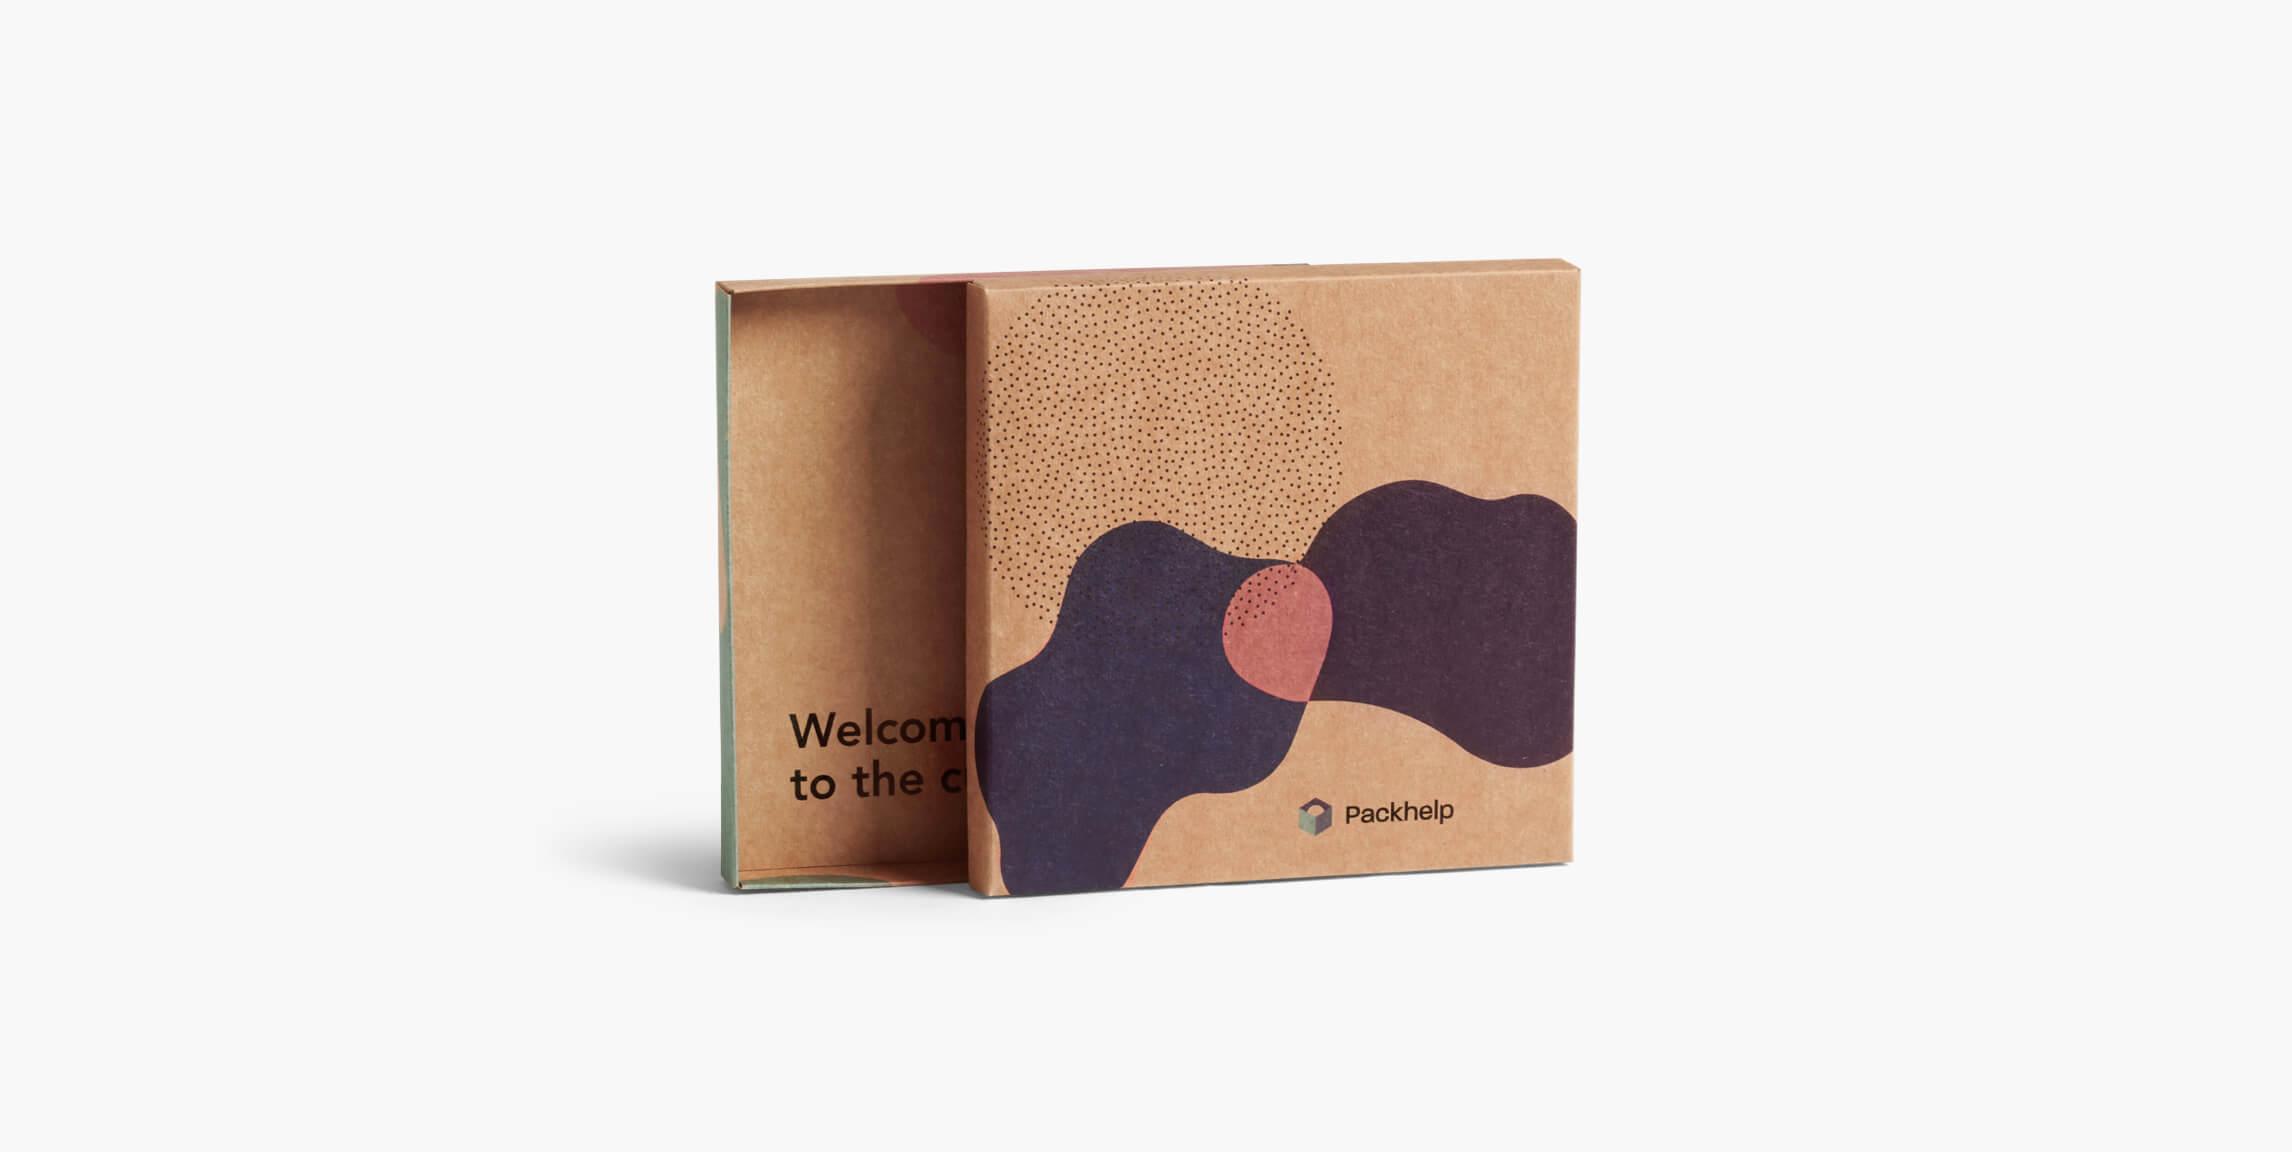 Boîte produit deux pièces - emballage personnalisé pour produits - Packhelp